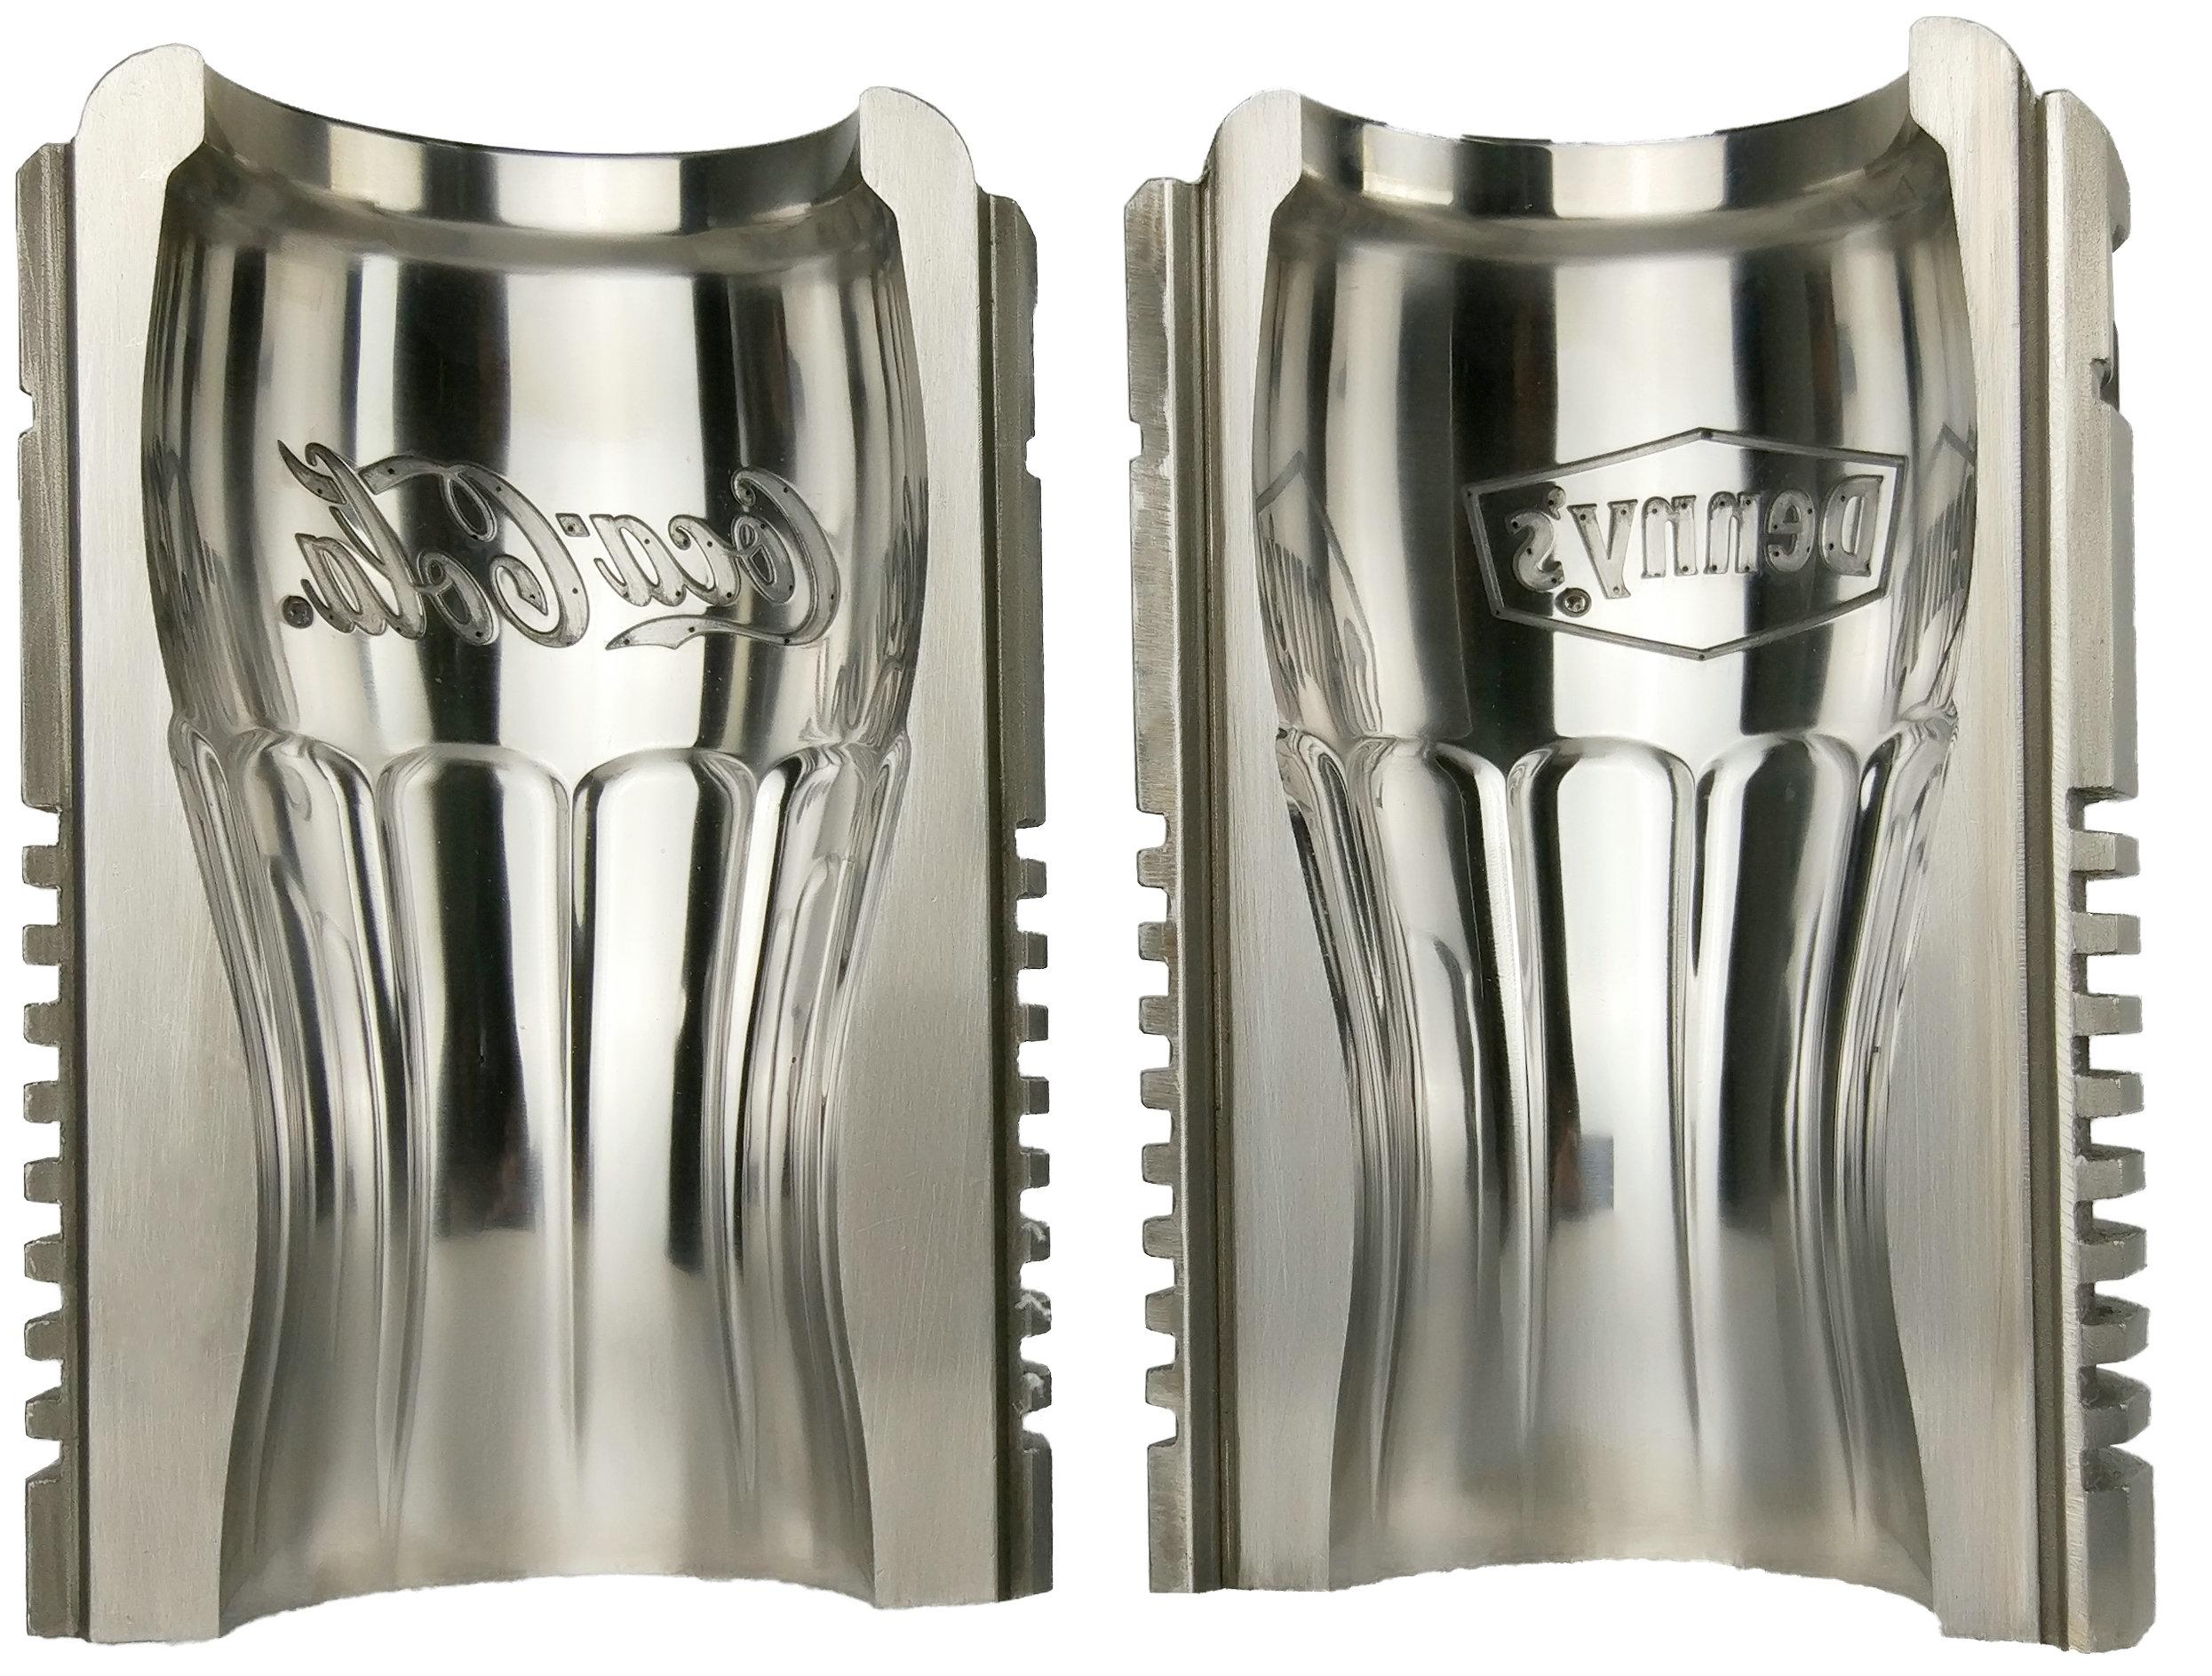 Coke glass bottle mould